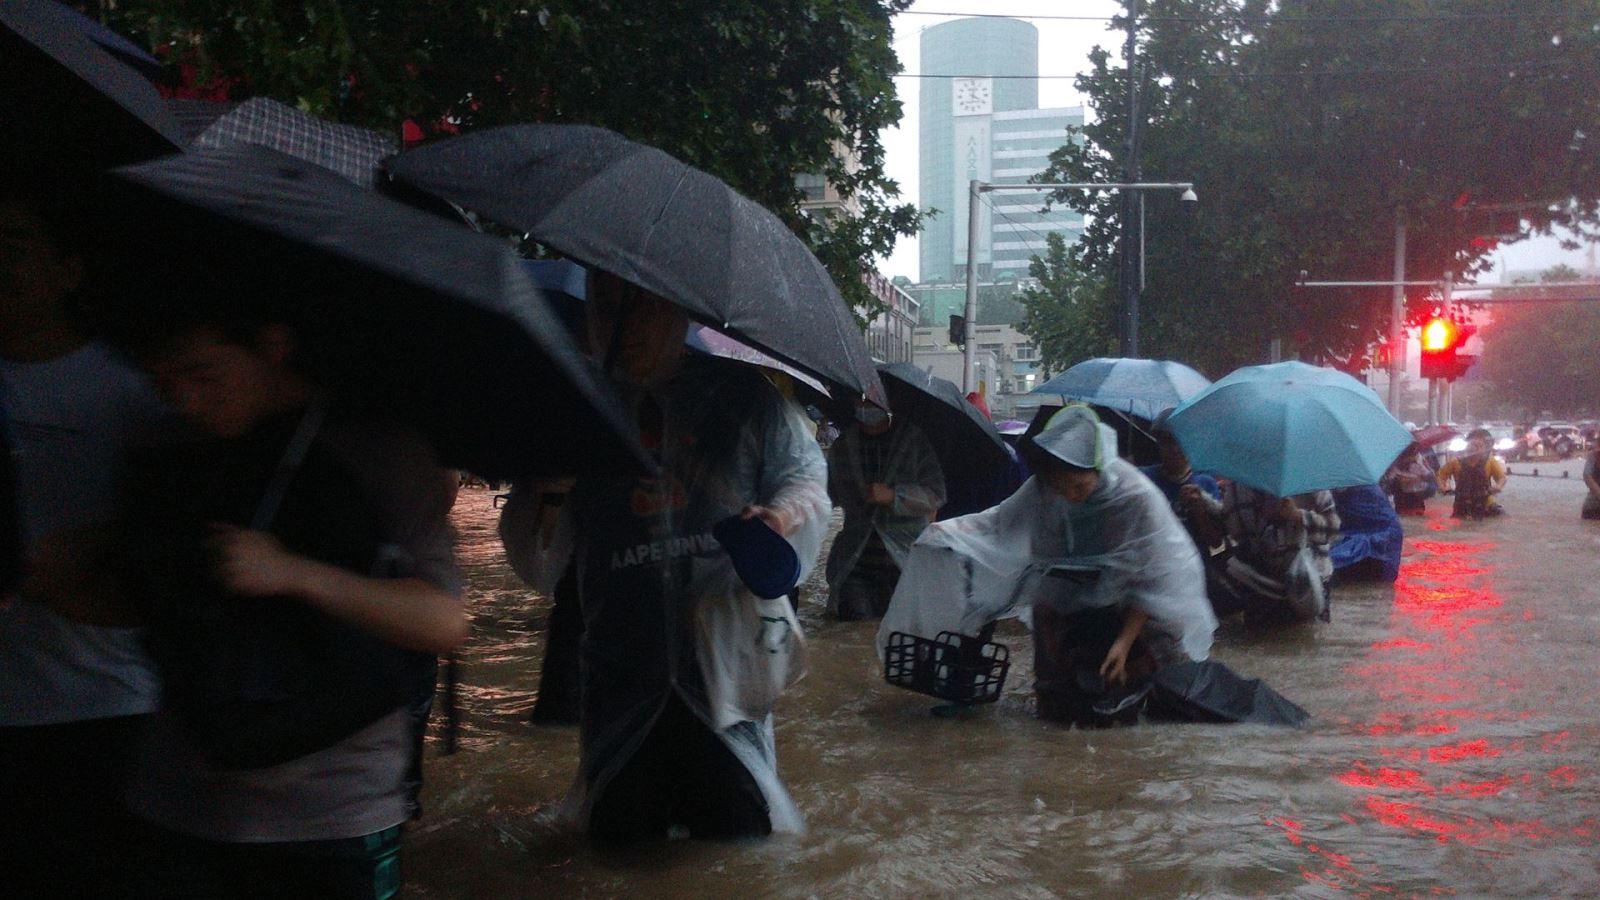 Trận mưa lớn '5000 năm có 1' làm đường phố Trung Quốc ngập sâu, Thiếu Lâm Tự phải đóng cửa để bảo toàn hạ tầng - Ảnh 2